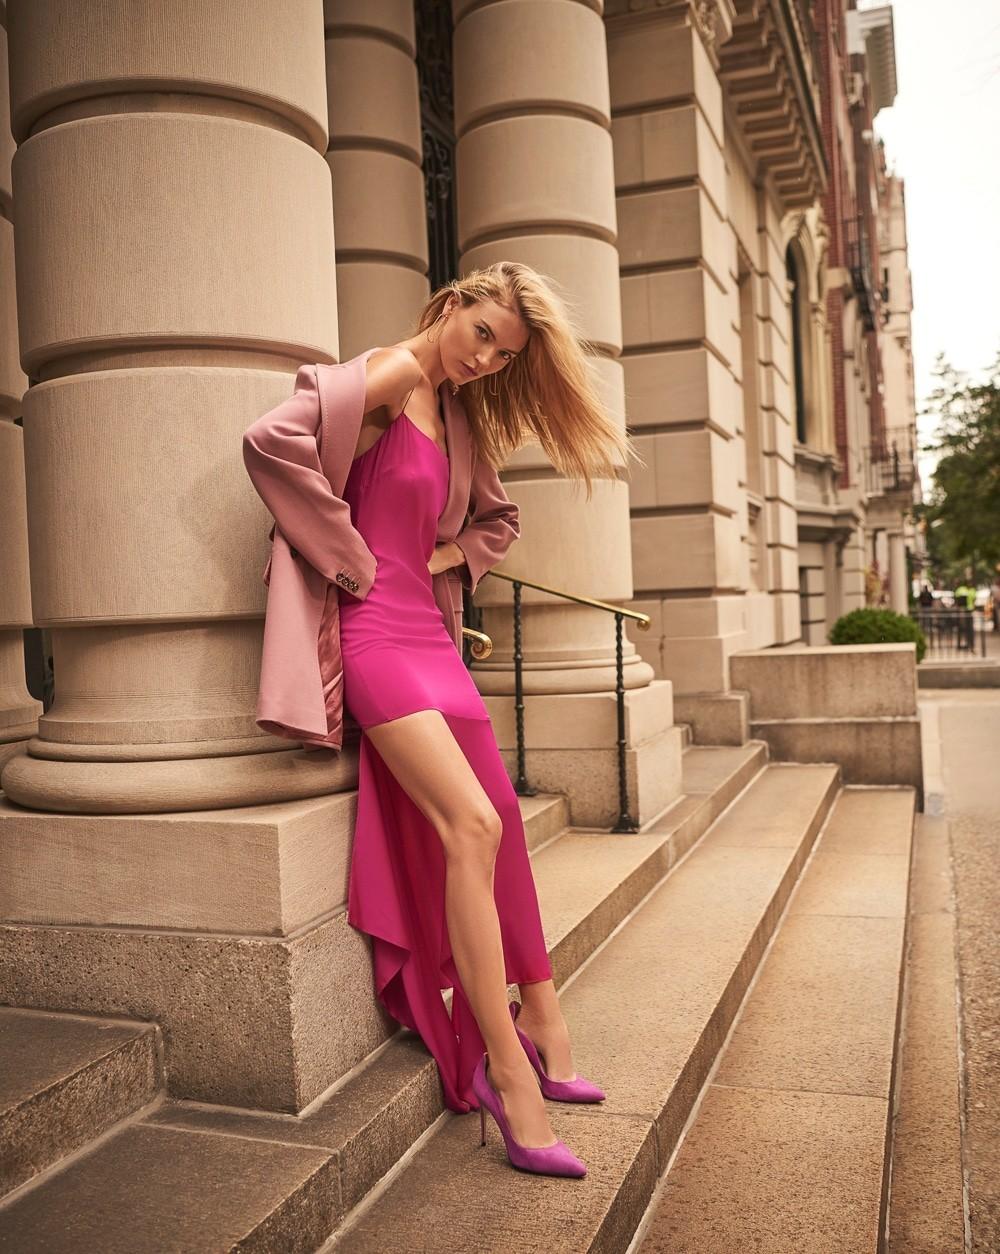 街头拍摄 哈萨克斯坦《Harper's Bazaar》11月刊 时尚图库 第4张